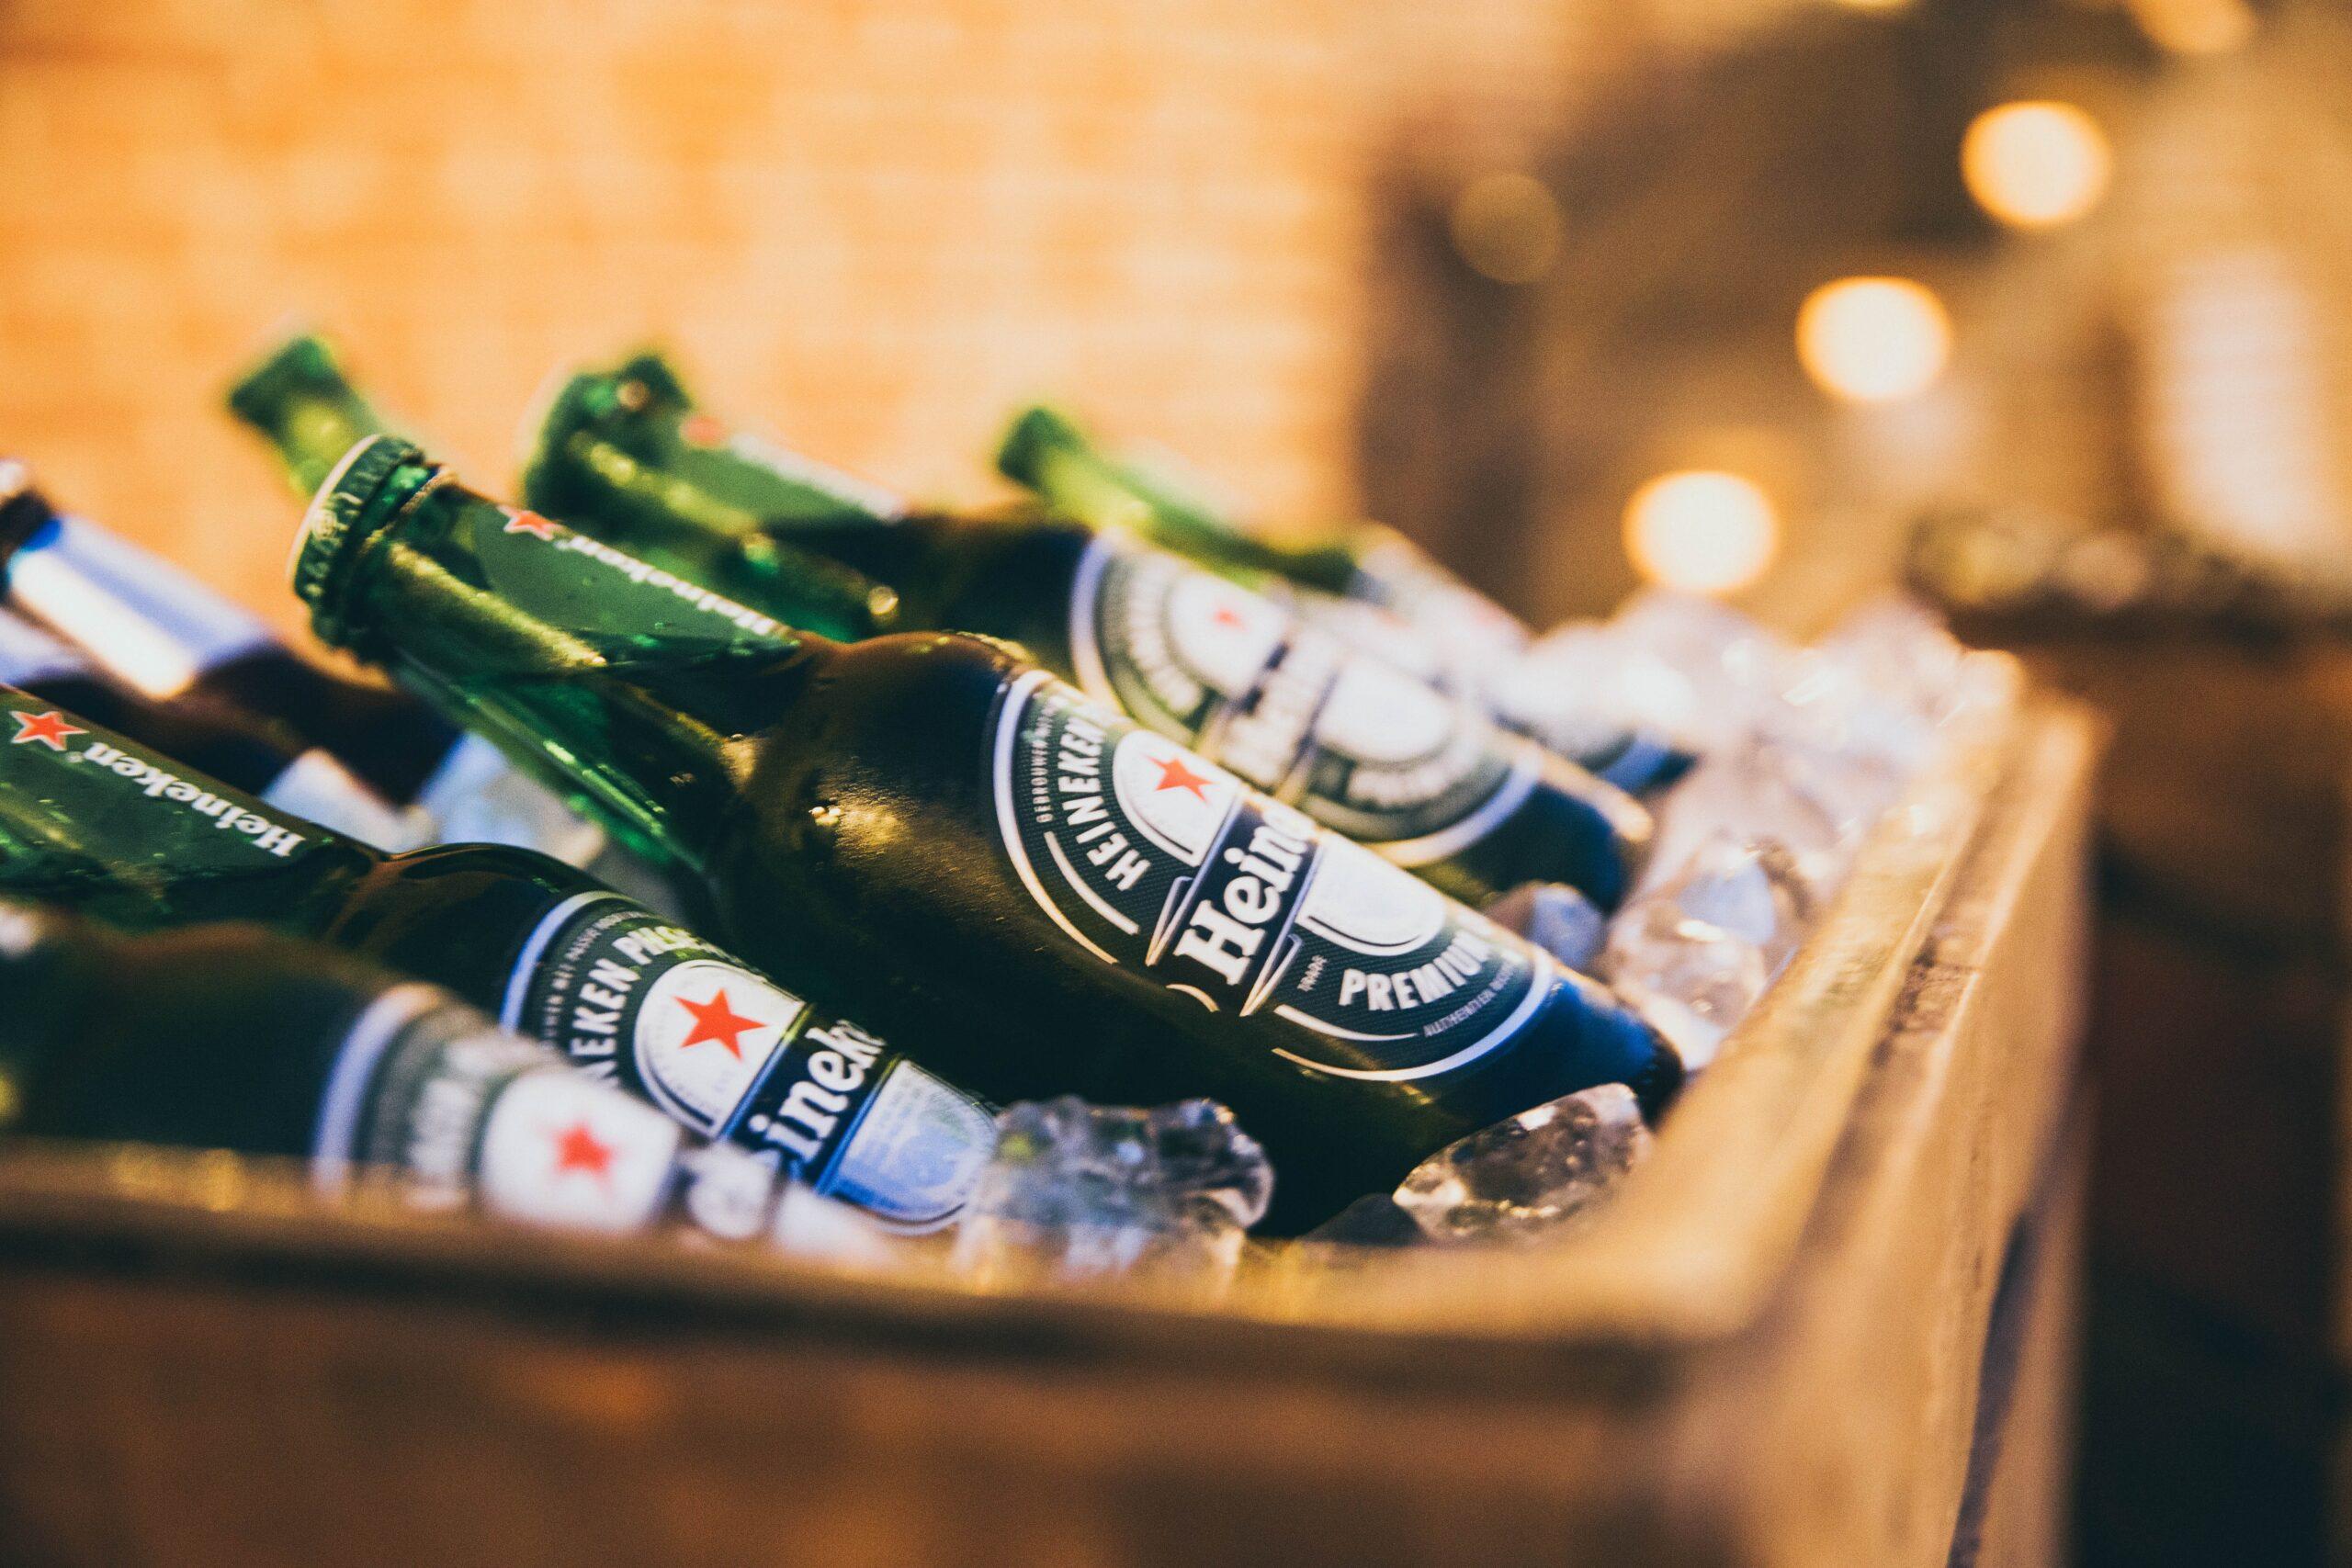 Central de Cervejas está a contratar em vários pontos do país